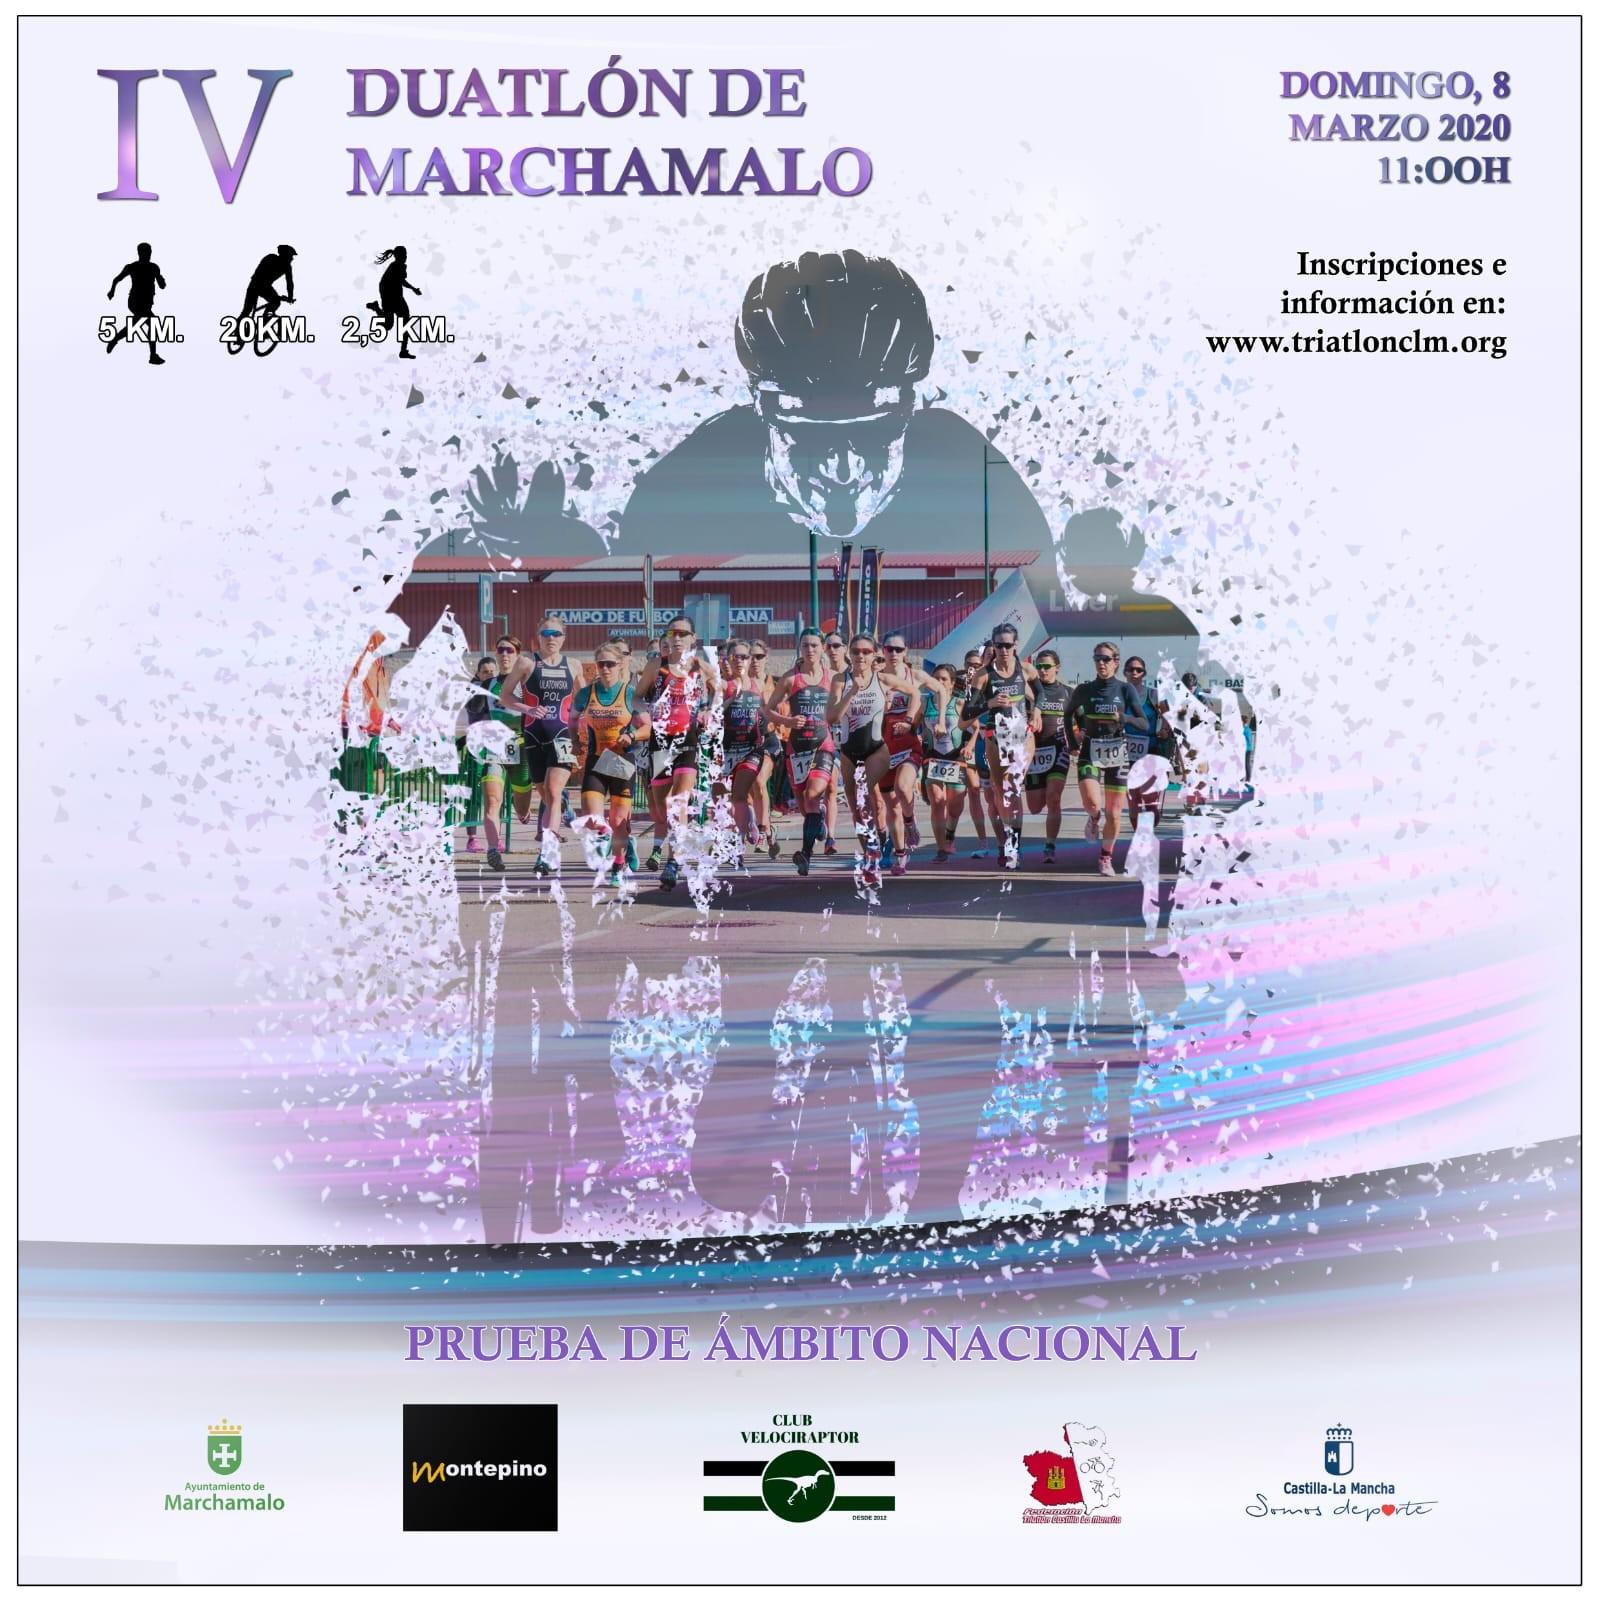 IV Duatlón de Marchamalo 20